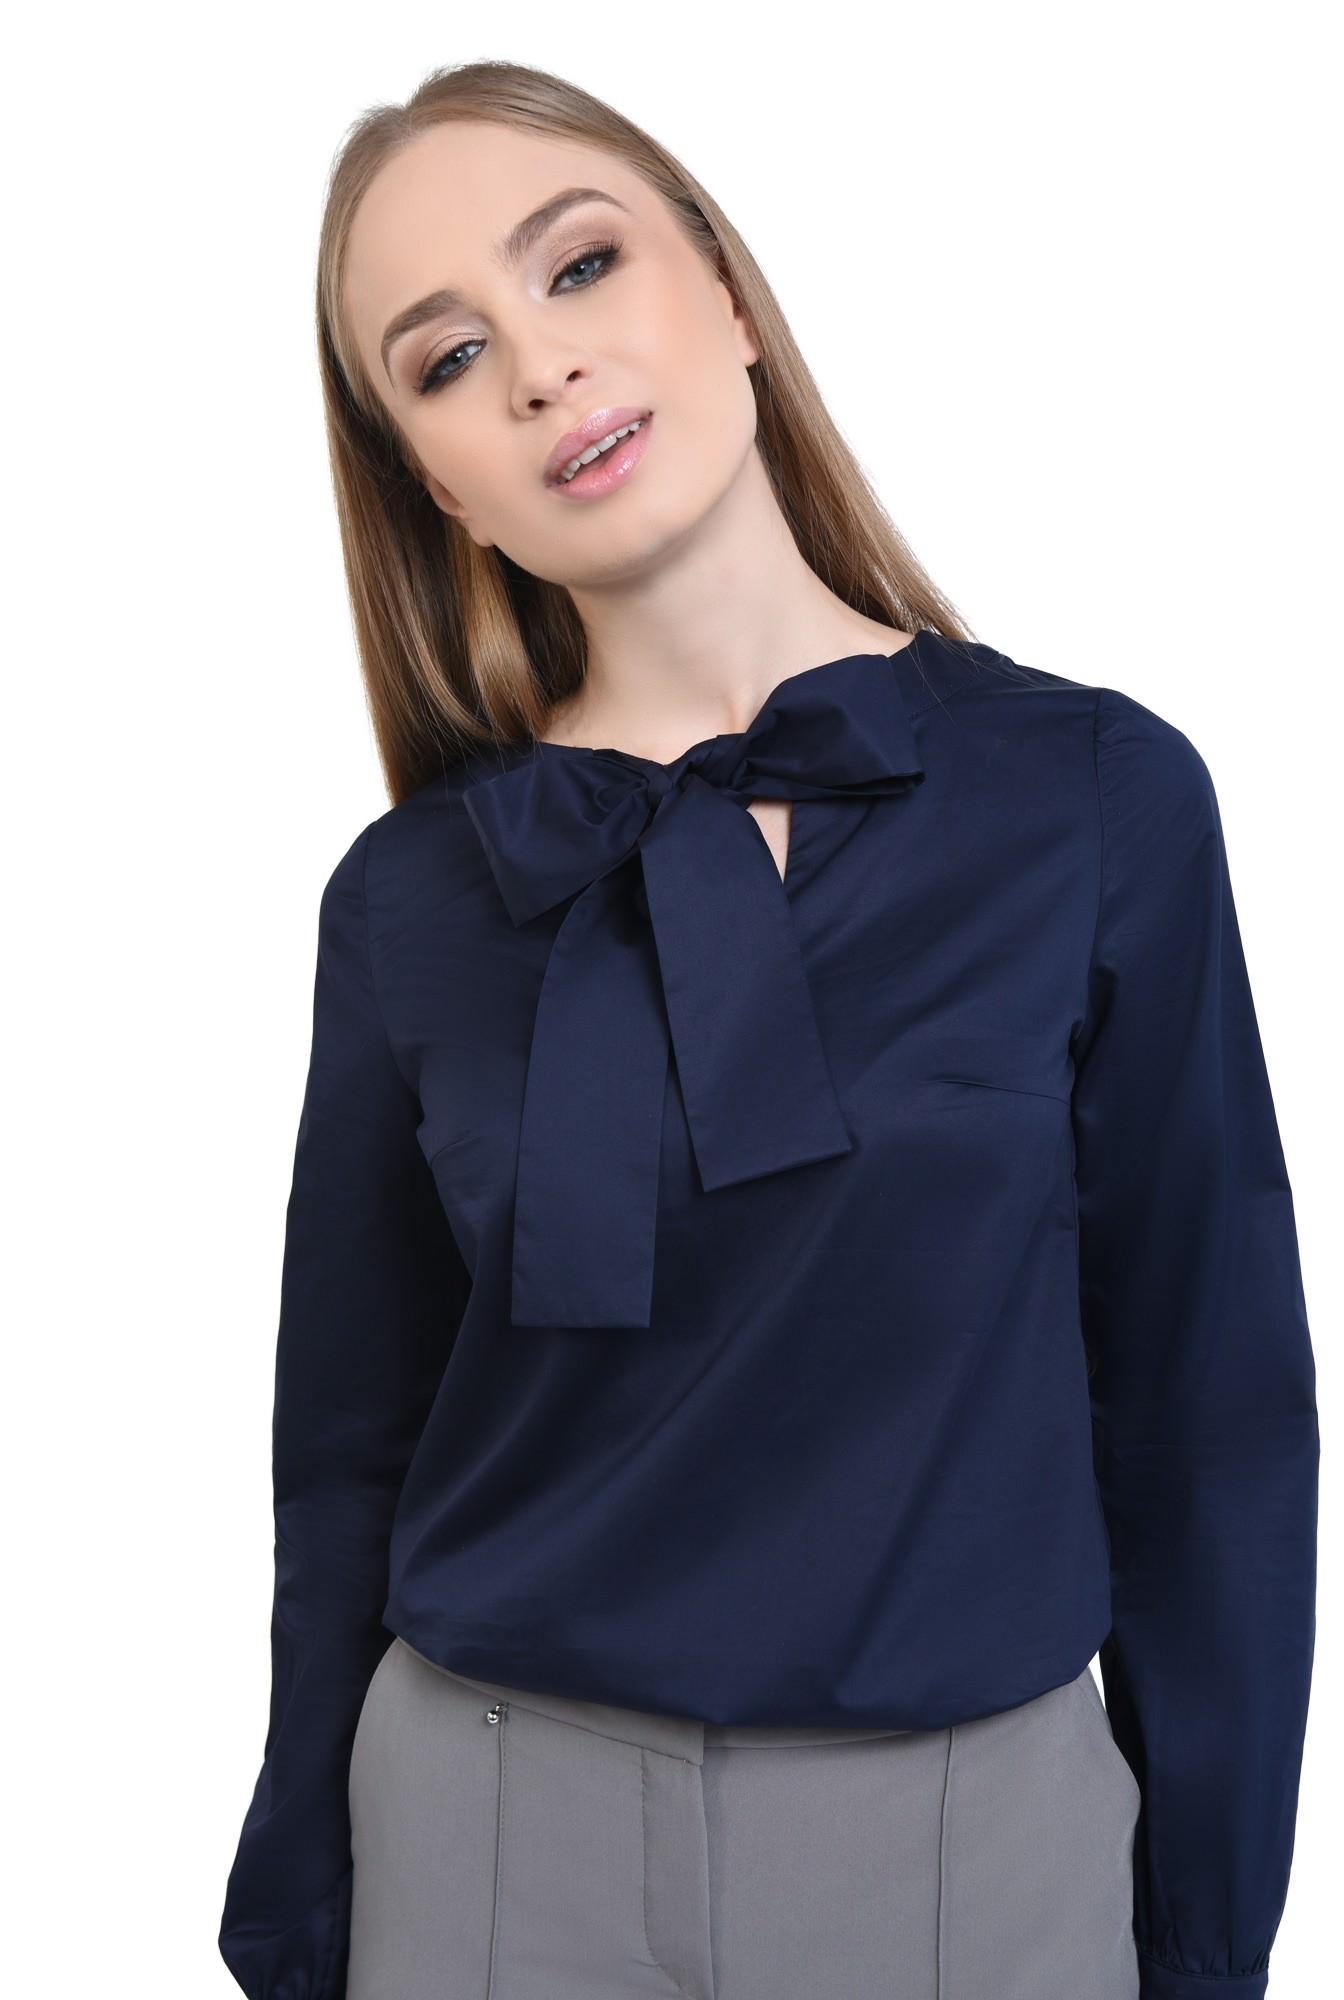 3 - Bluza casual, albastru, croi drept, bumbac, funda